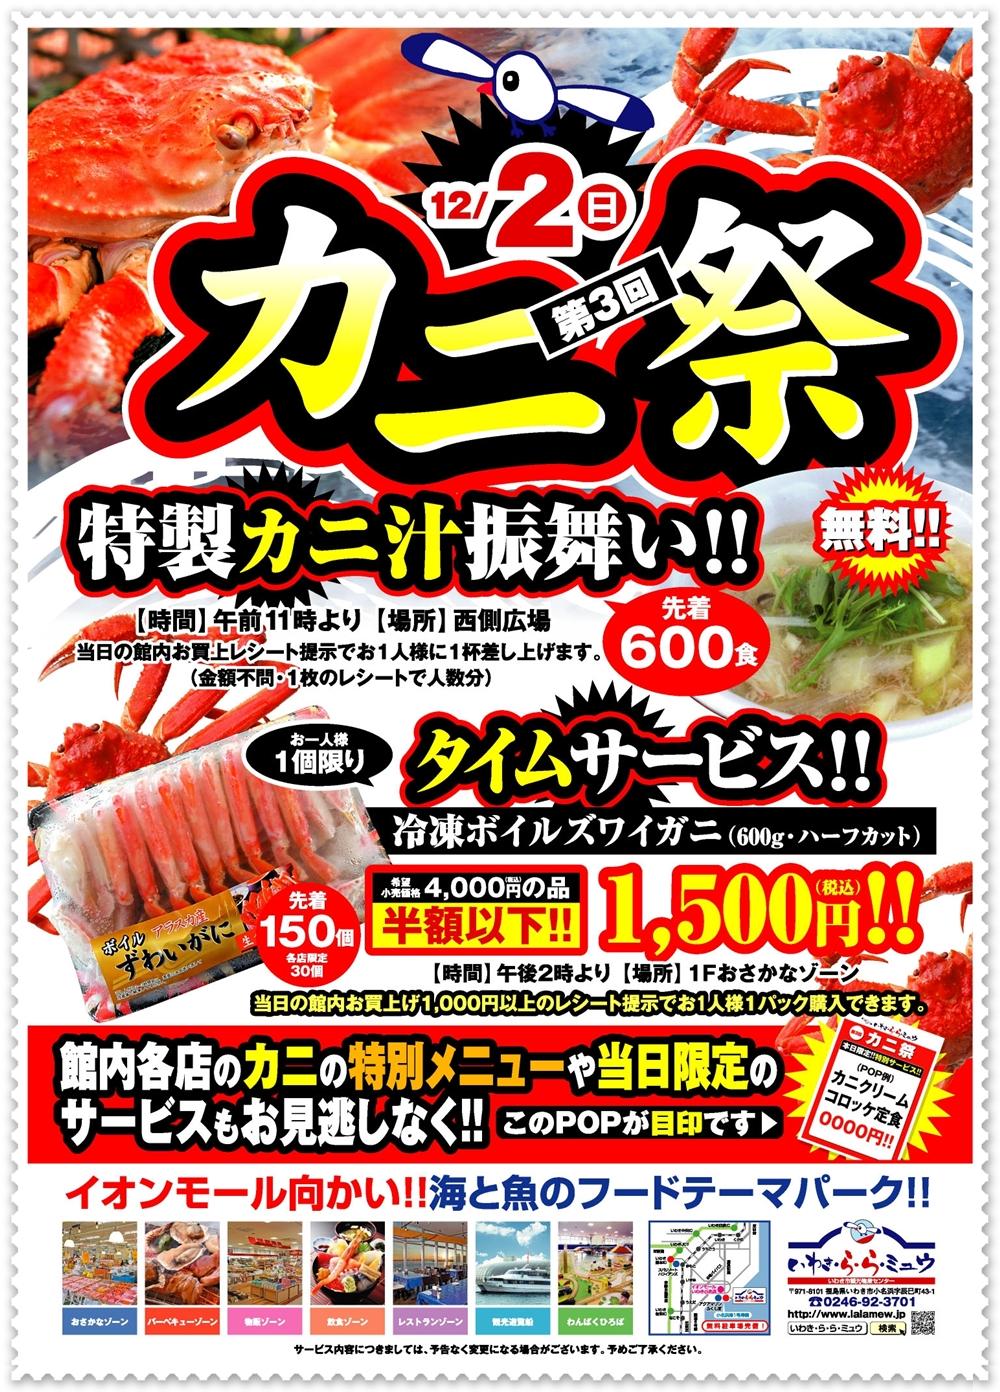 いわき・ら・ら・ミュウ「第3回カニ祭」12月2日開催!! [平成30年11月24日(土)更新]1